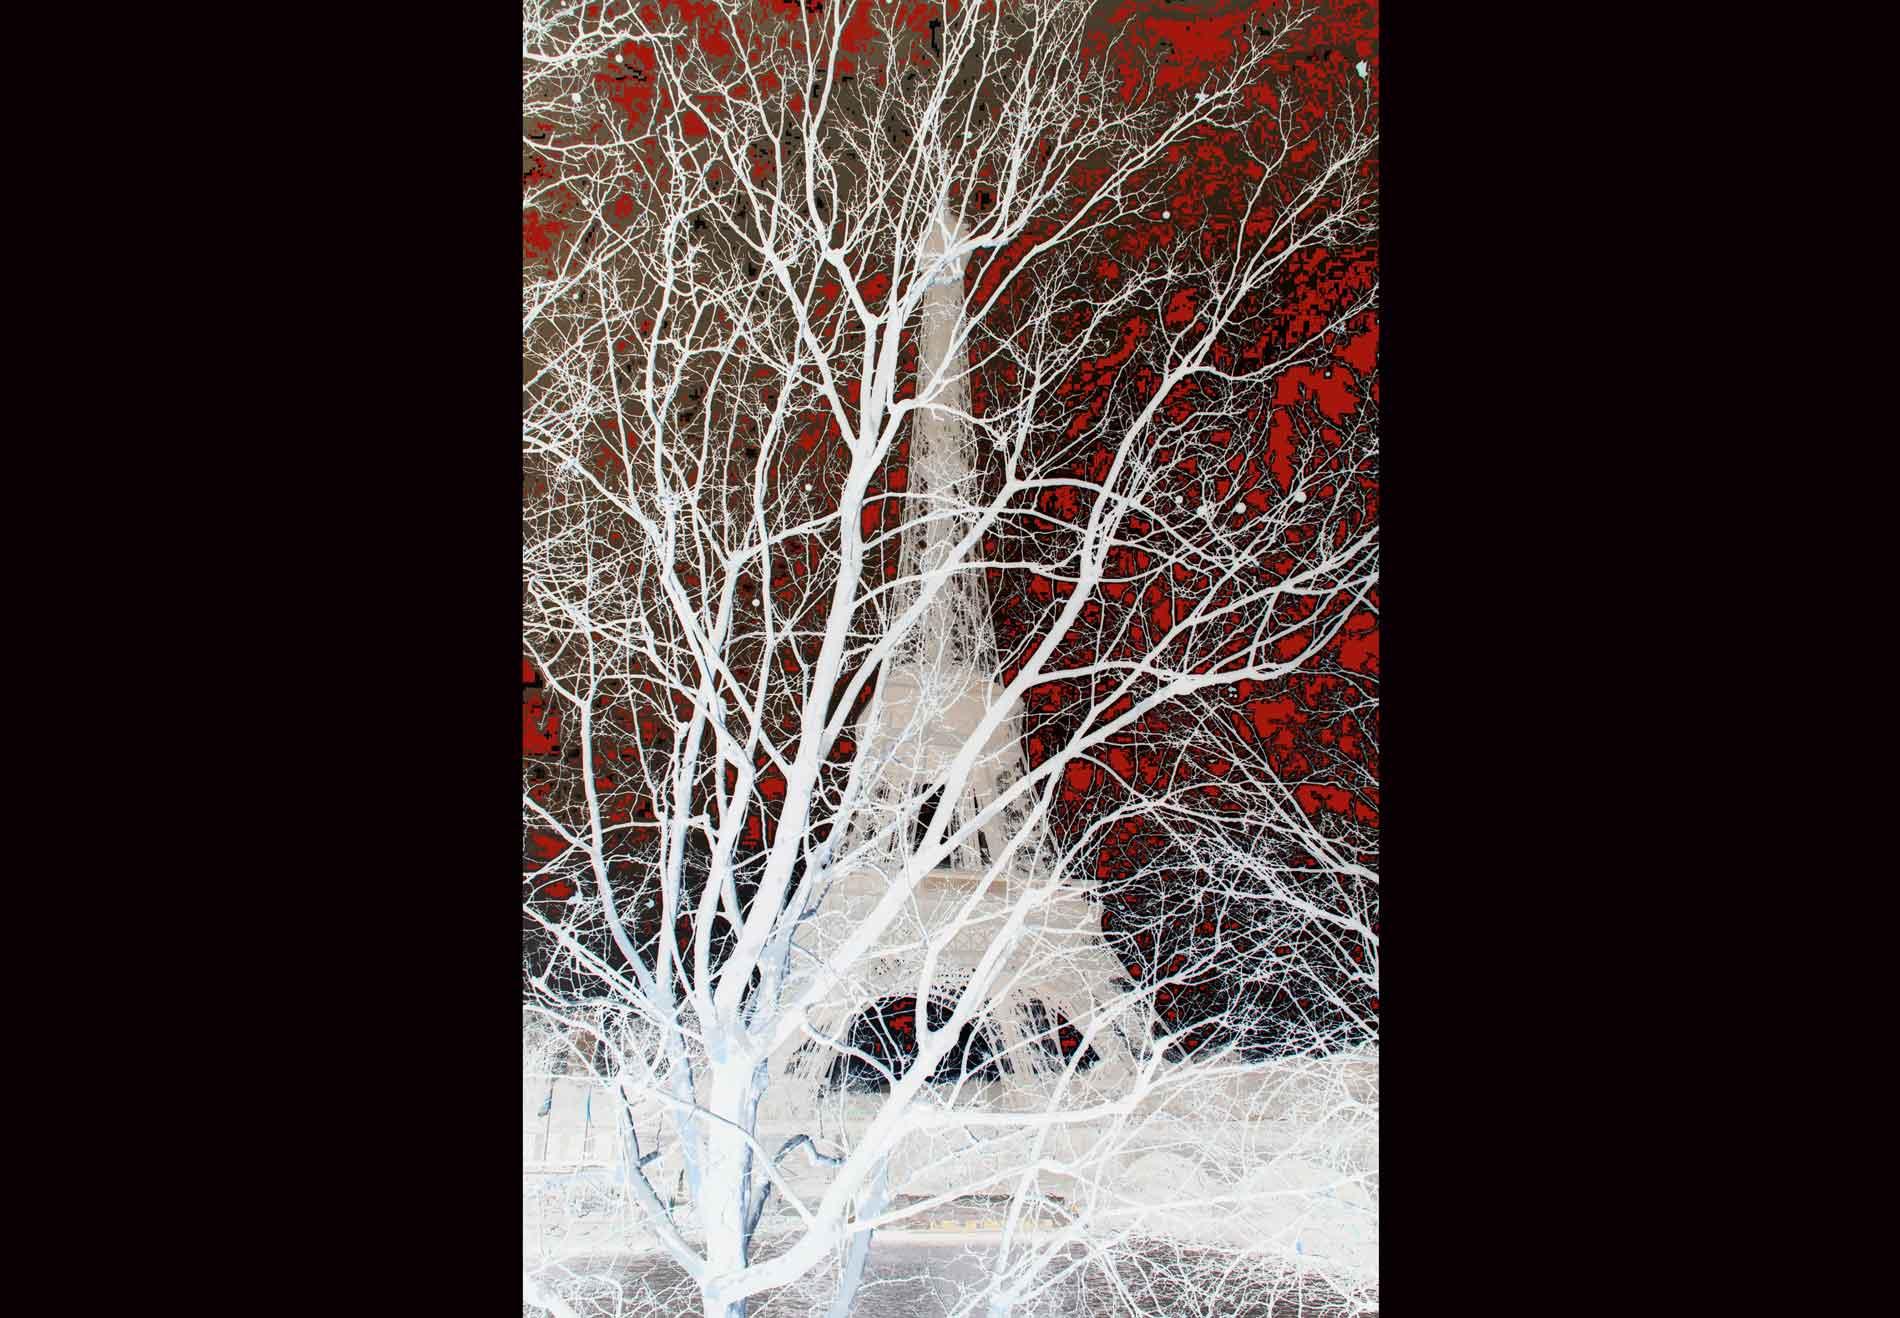 18. Arbre Magique  n. 1 –  Magic Tree  n. 1 - © Graziano Villa